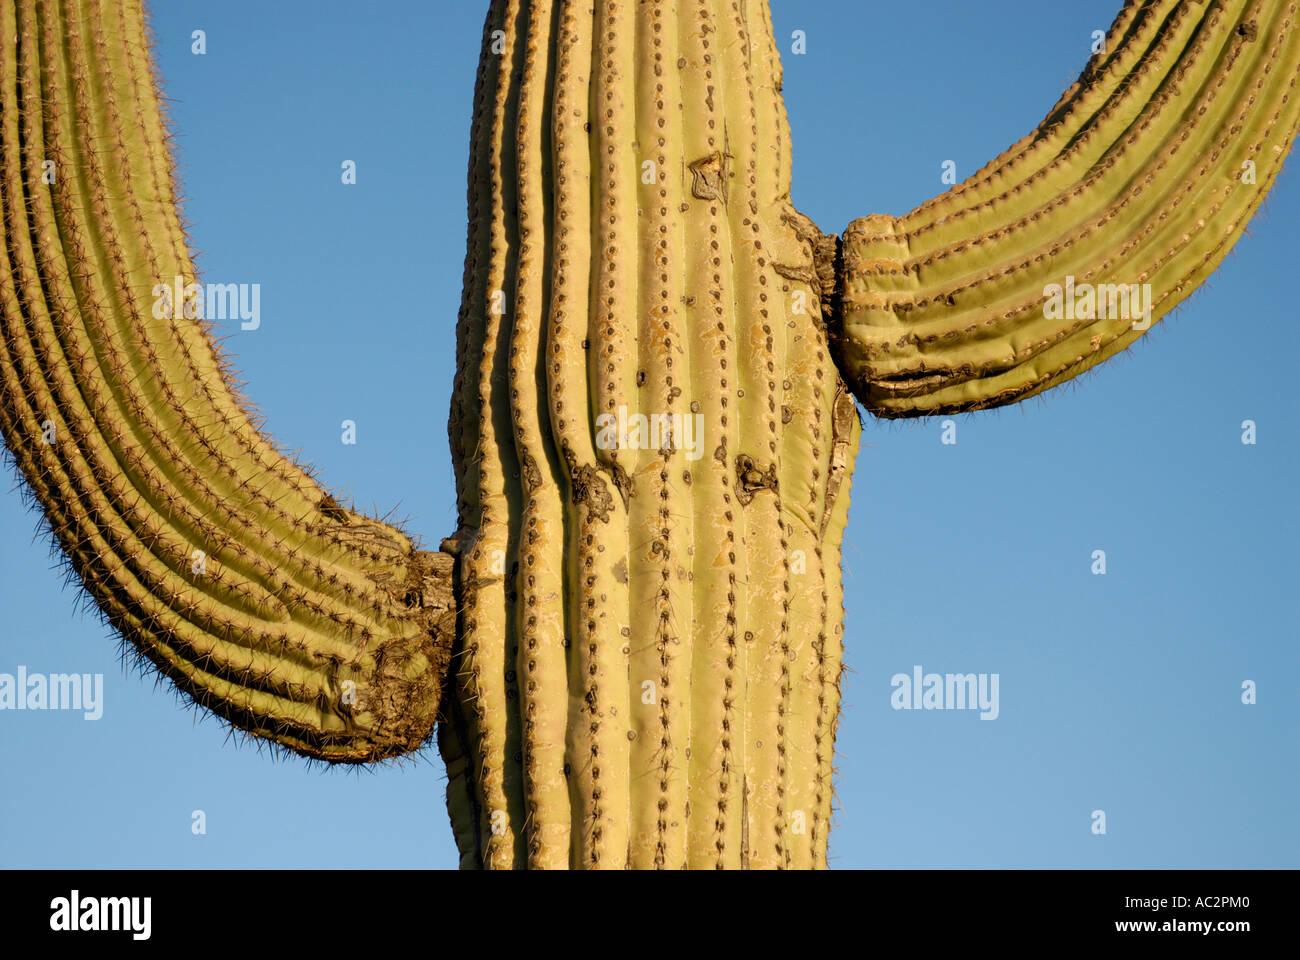 Cactus Saguaro, Carnegiea gigantea, primer plano abstracto con dos armas contra el cielo azul, el Sonoran Desert, sudoeste de EE.UU. Imagen De Stock